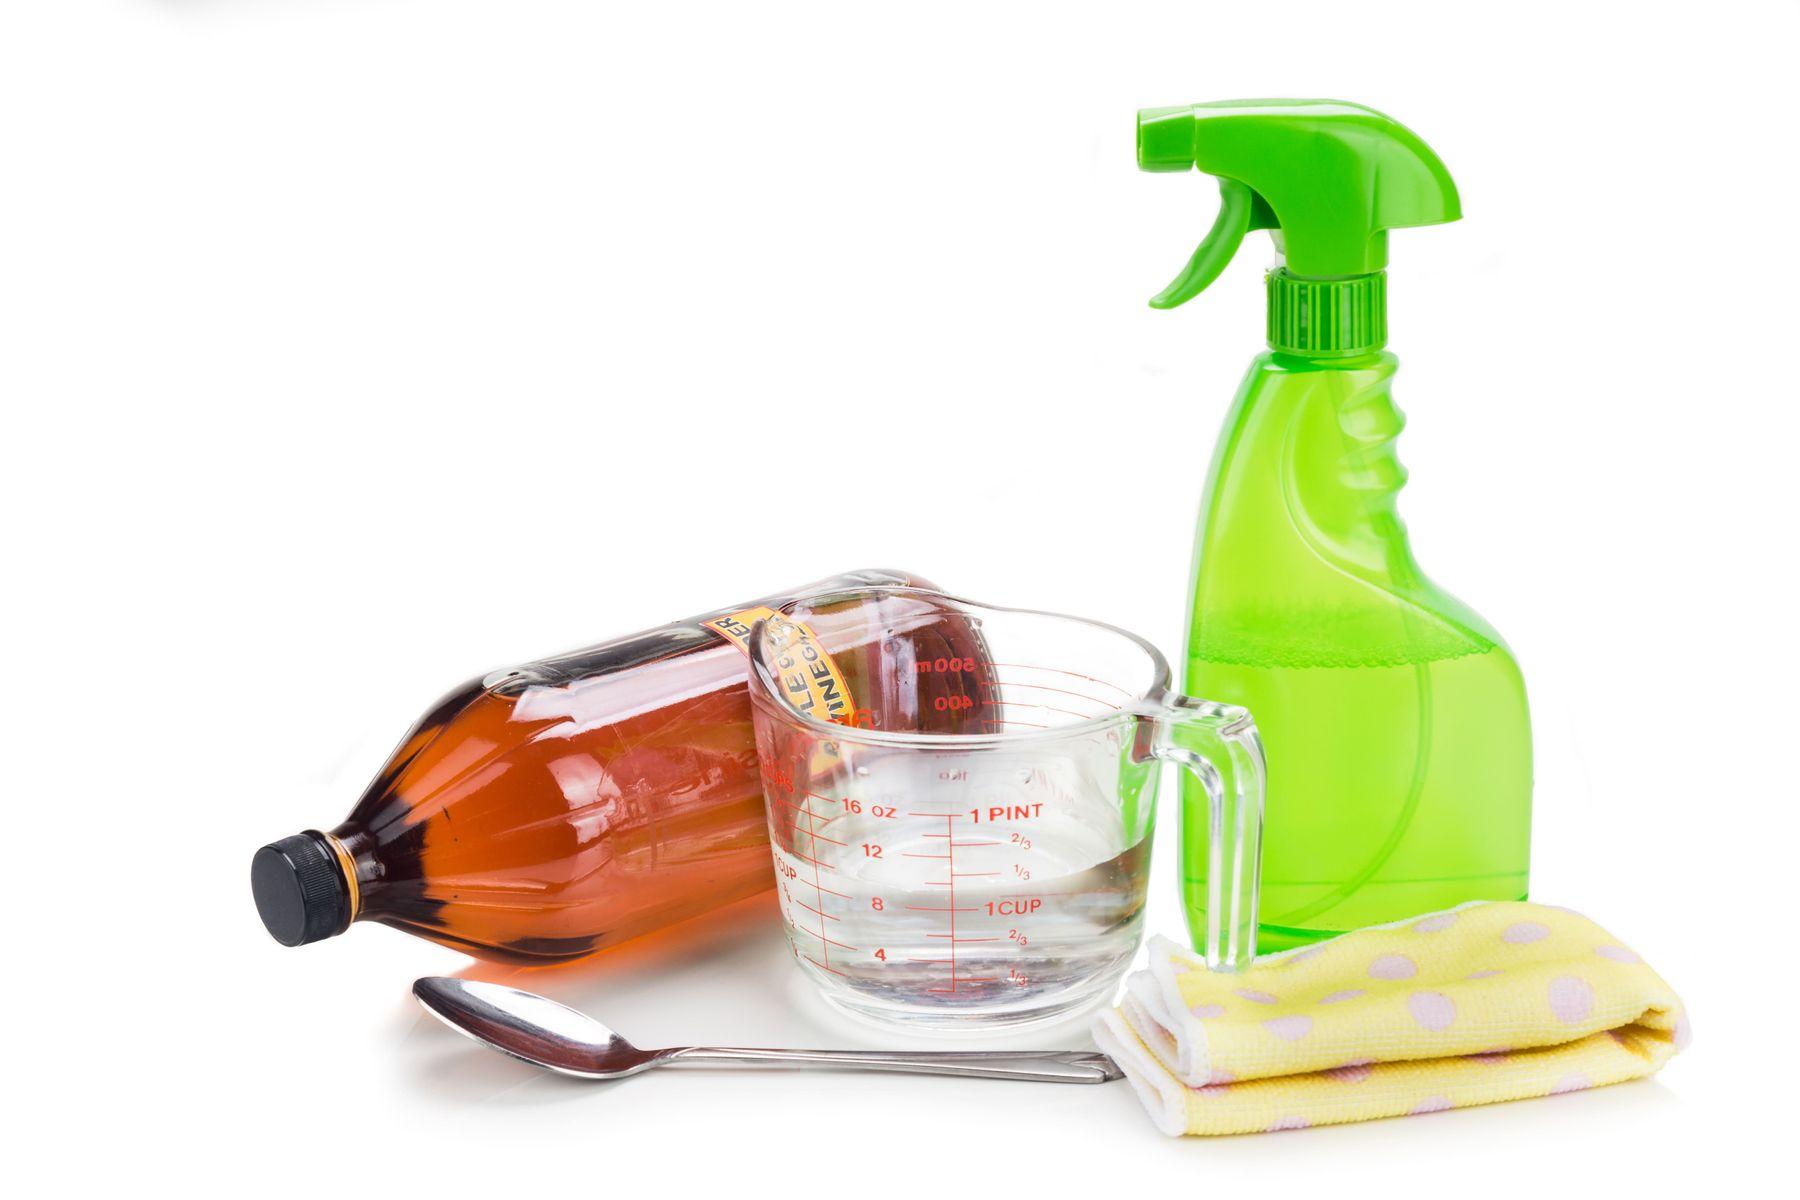 Frasco marrom e frasco com borrifador verde e um como pequeno com líquido transparente e uma colher e um pano amarelo sobre fundo branco